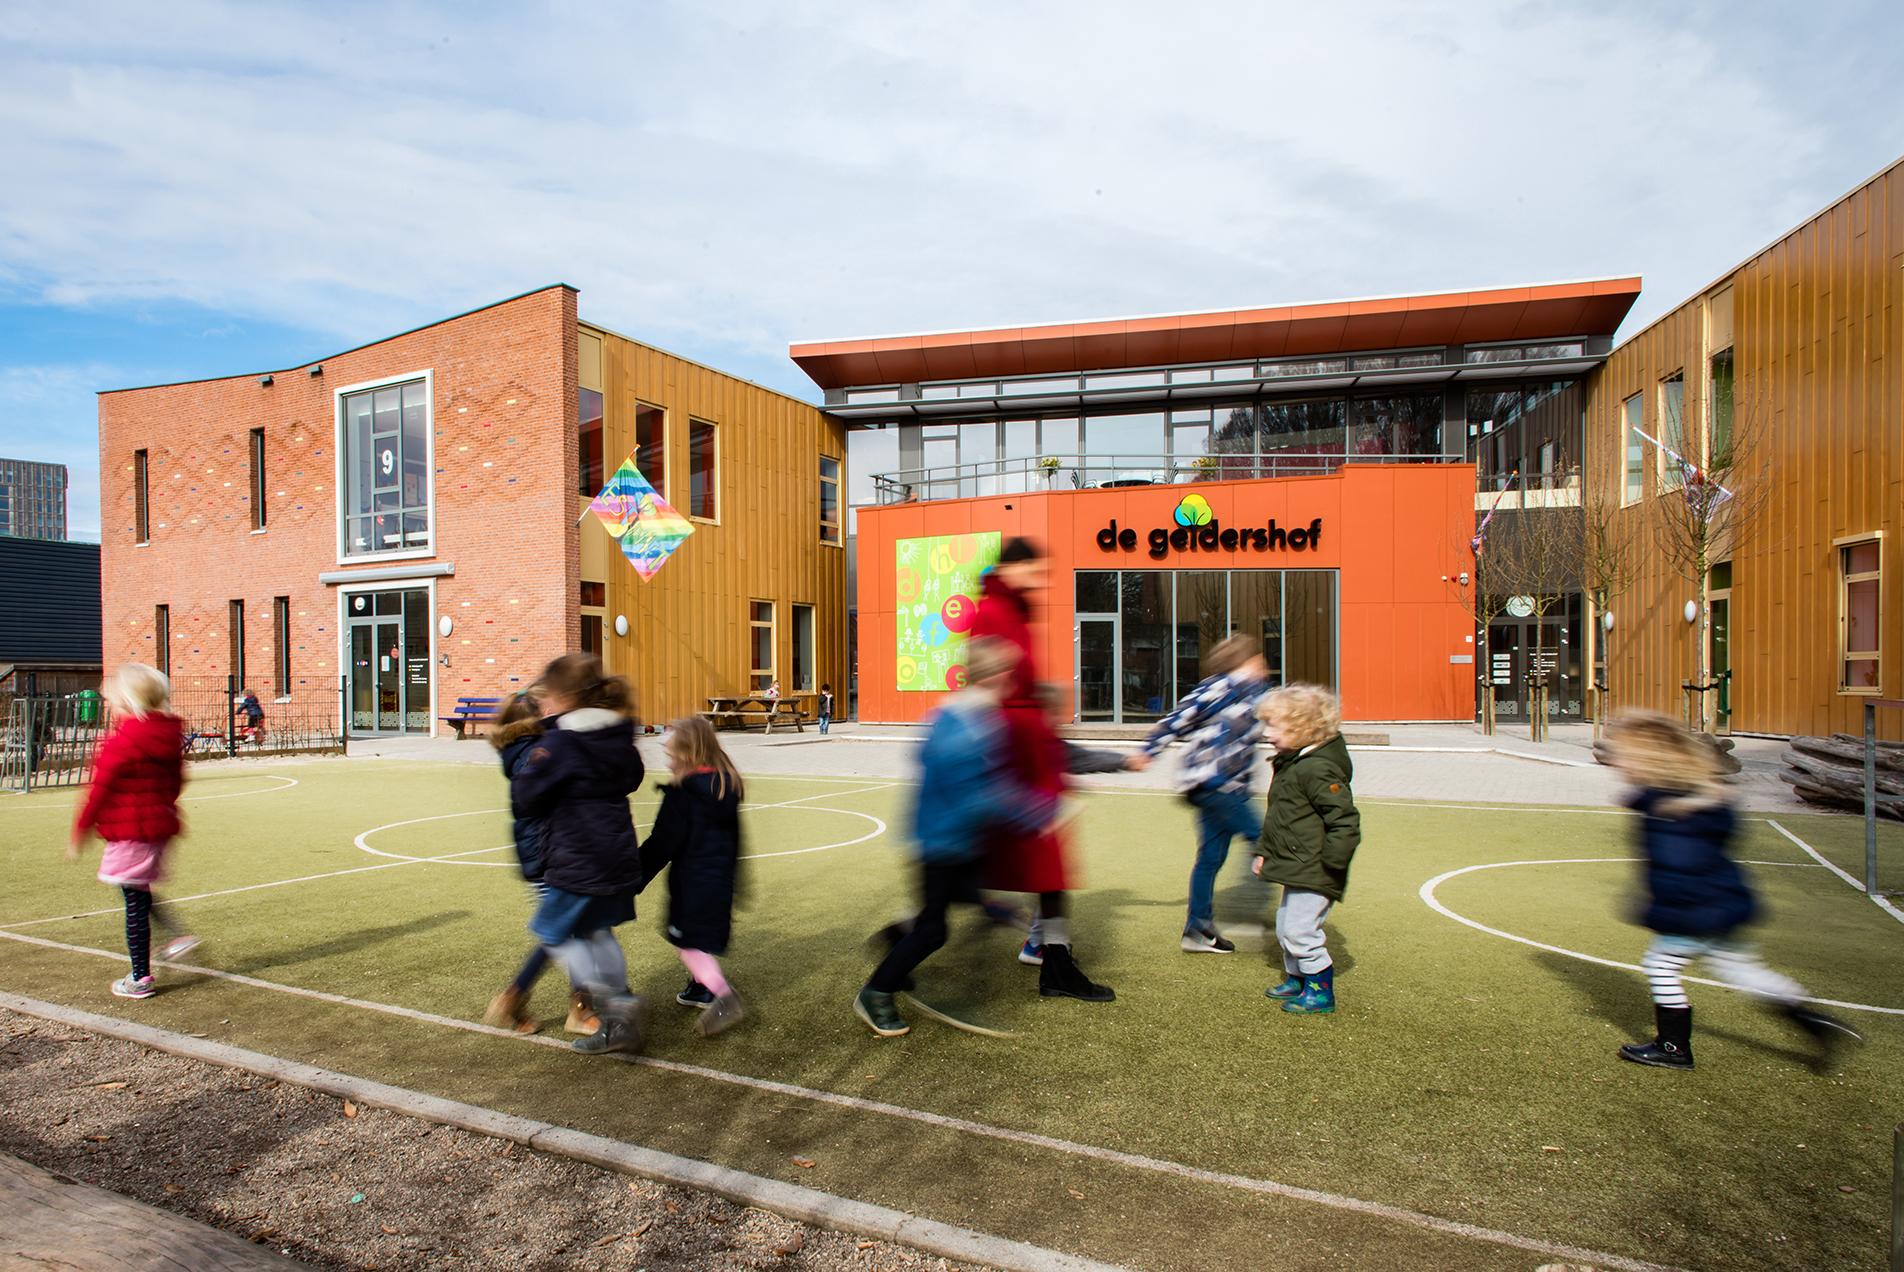 Basisschool de Geldershof Lent